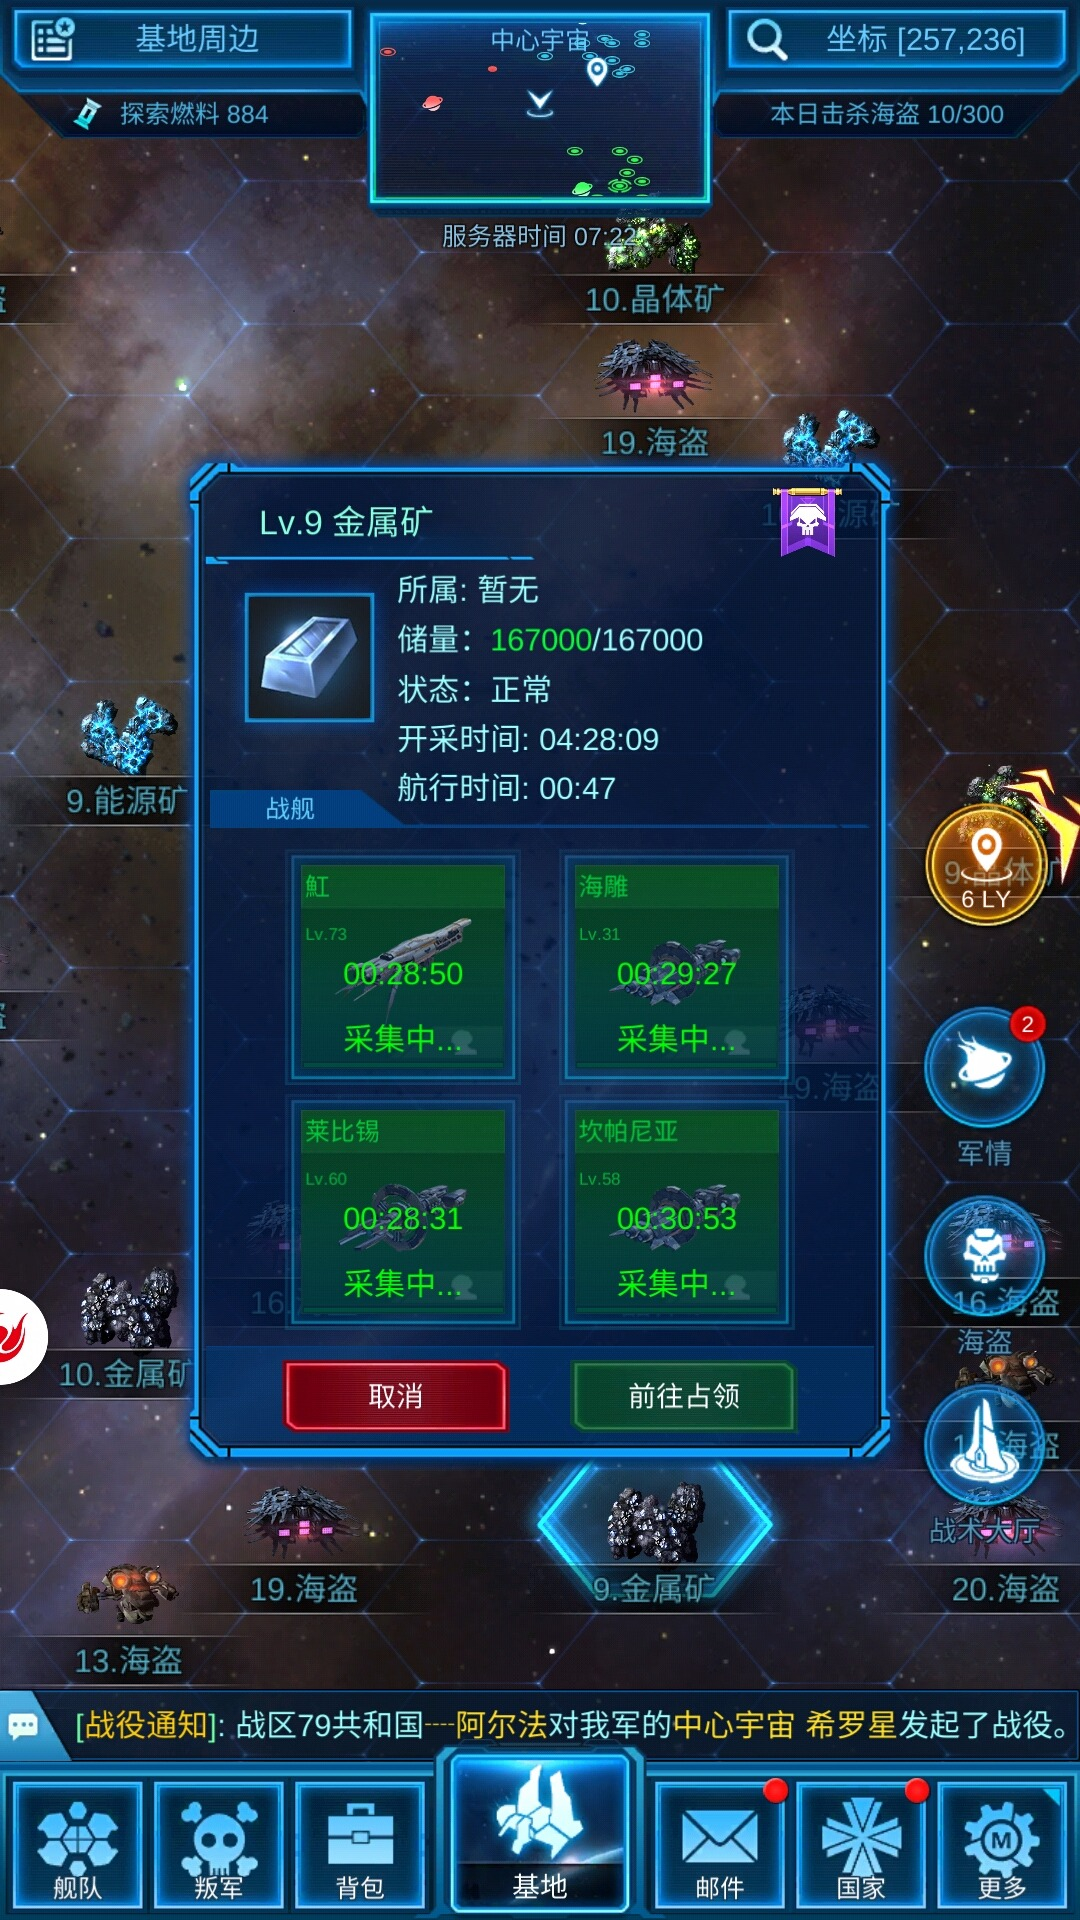 Screenshot_2020-03-23-07-22-59.jpg